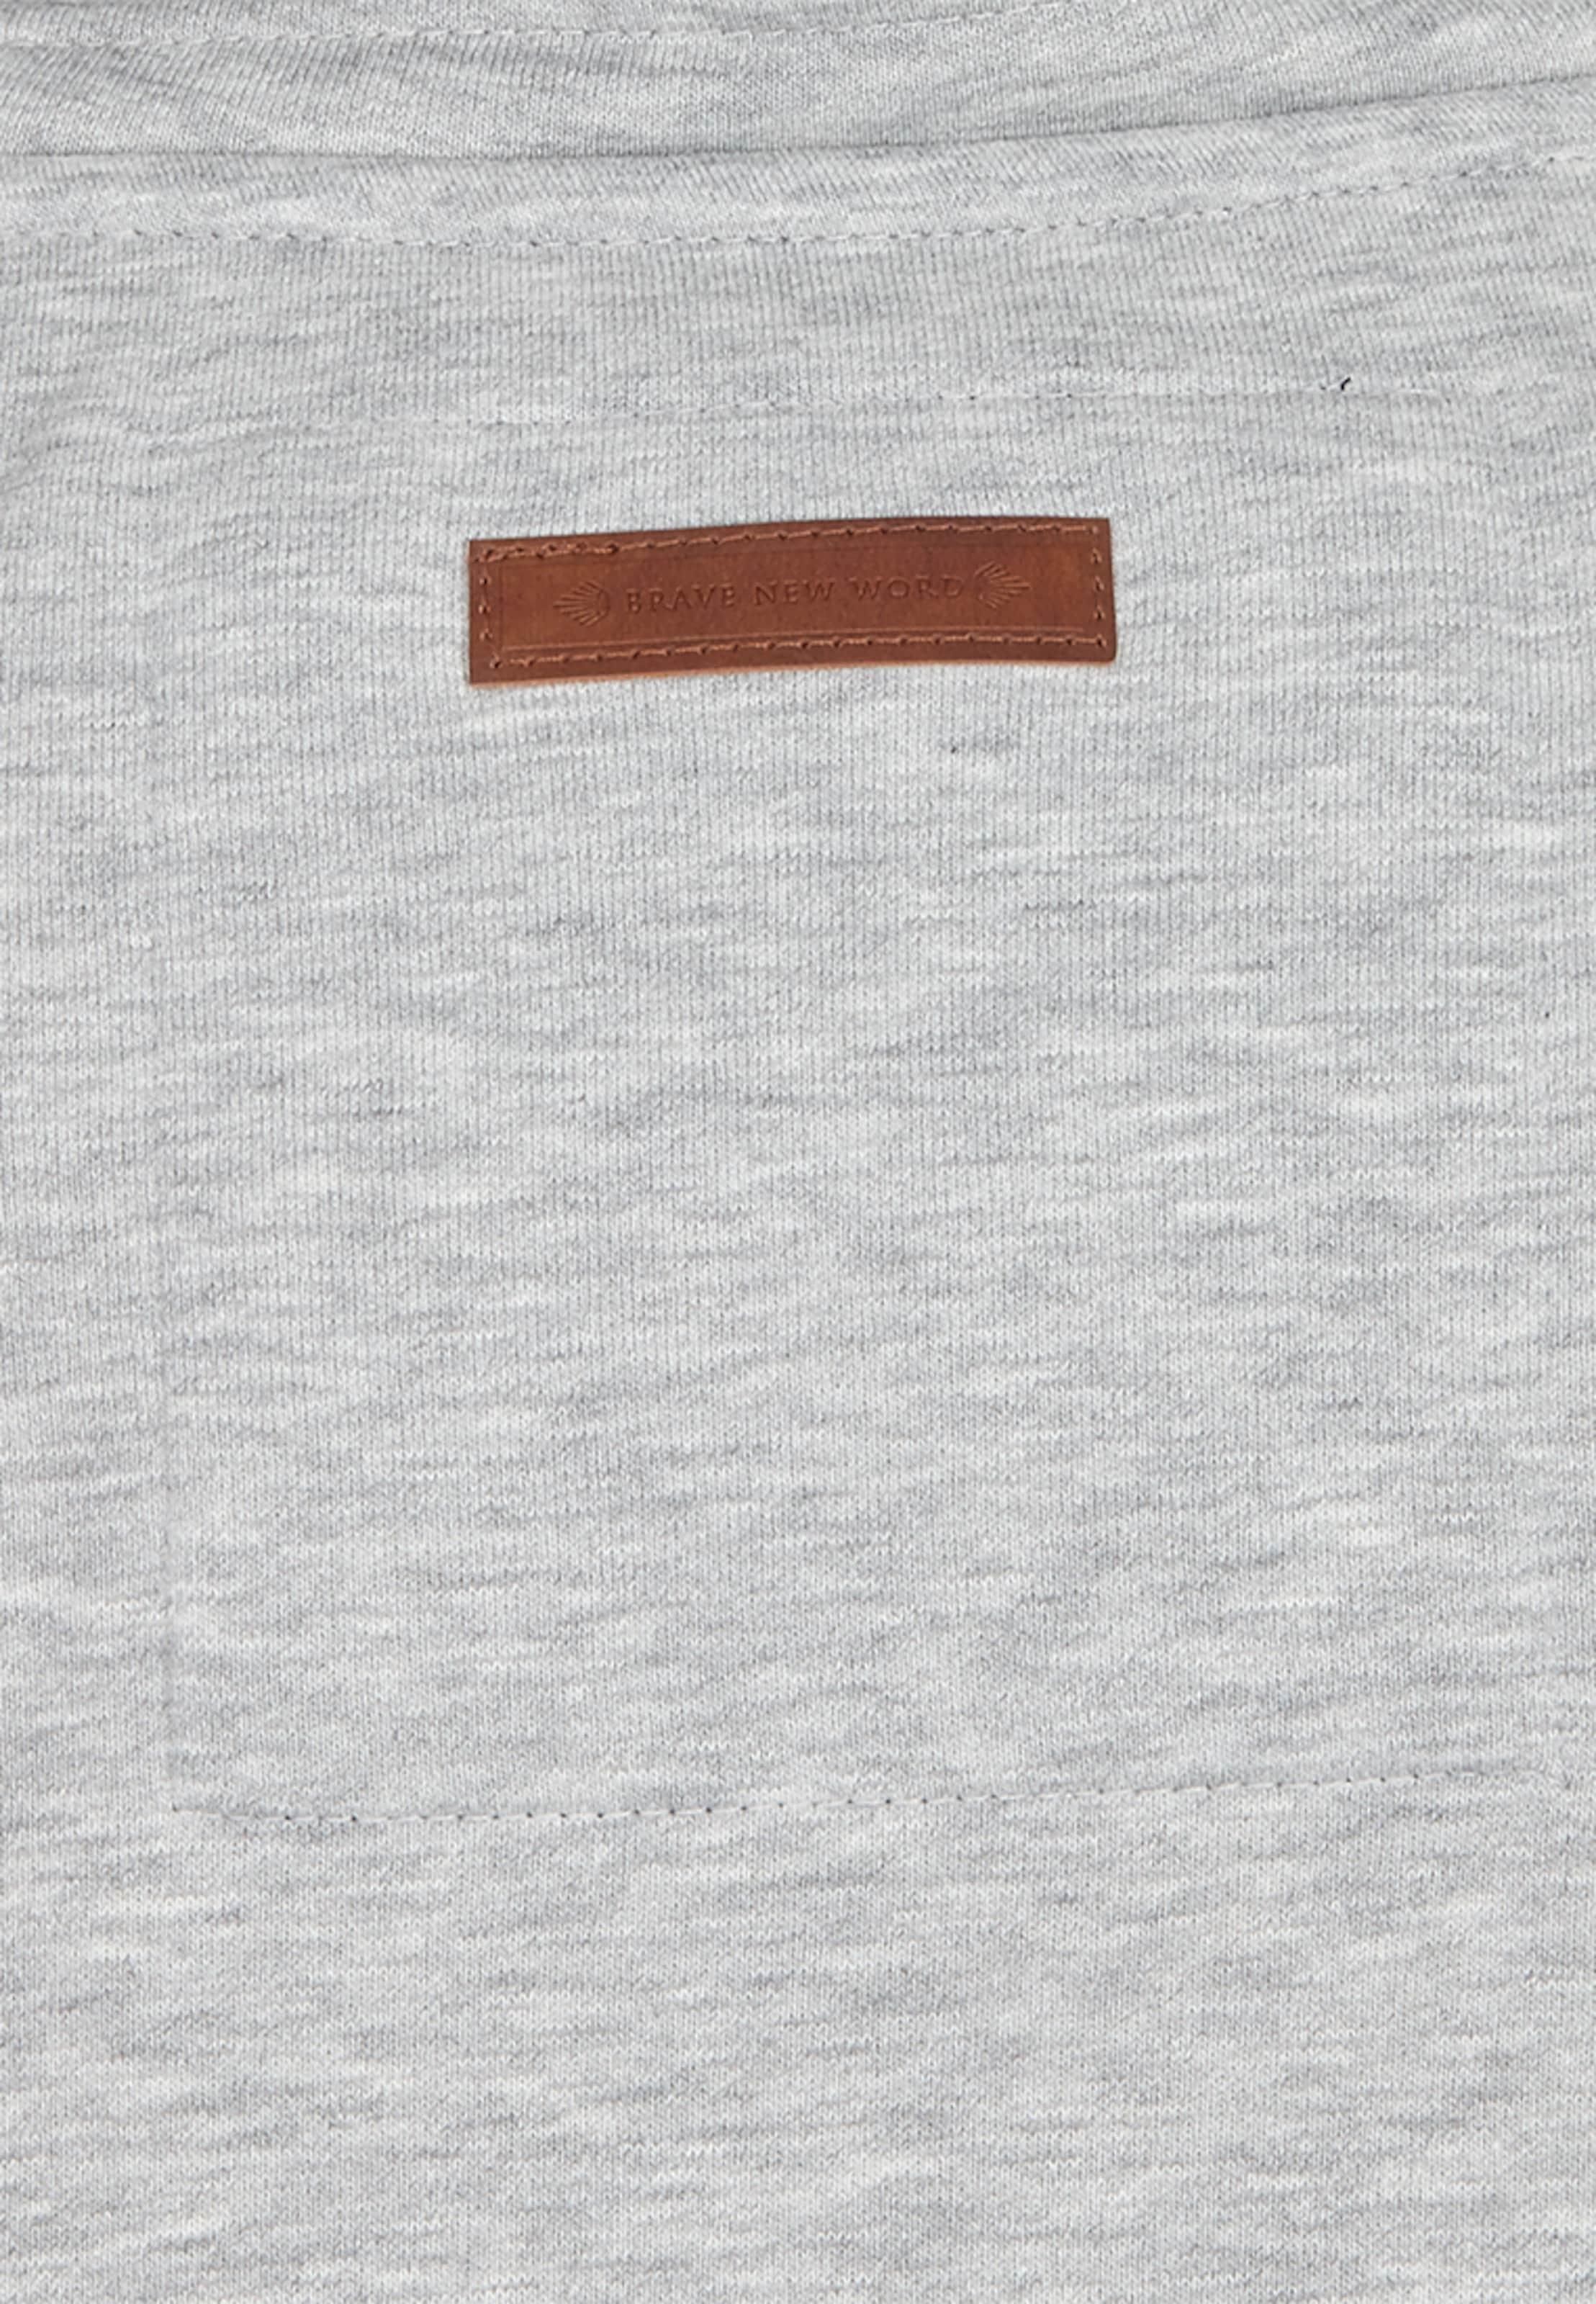 Günstig Kaufen Amazon naketano Zipped Jacket 'Ivic VIII' Top-Qualität Günstig Online Günstiger Preis Vorbestellung Ebay Zum Verkauf 9cMrJDE9j